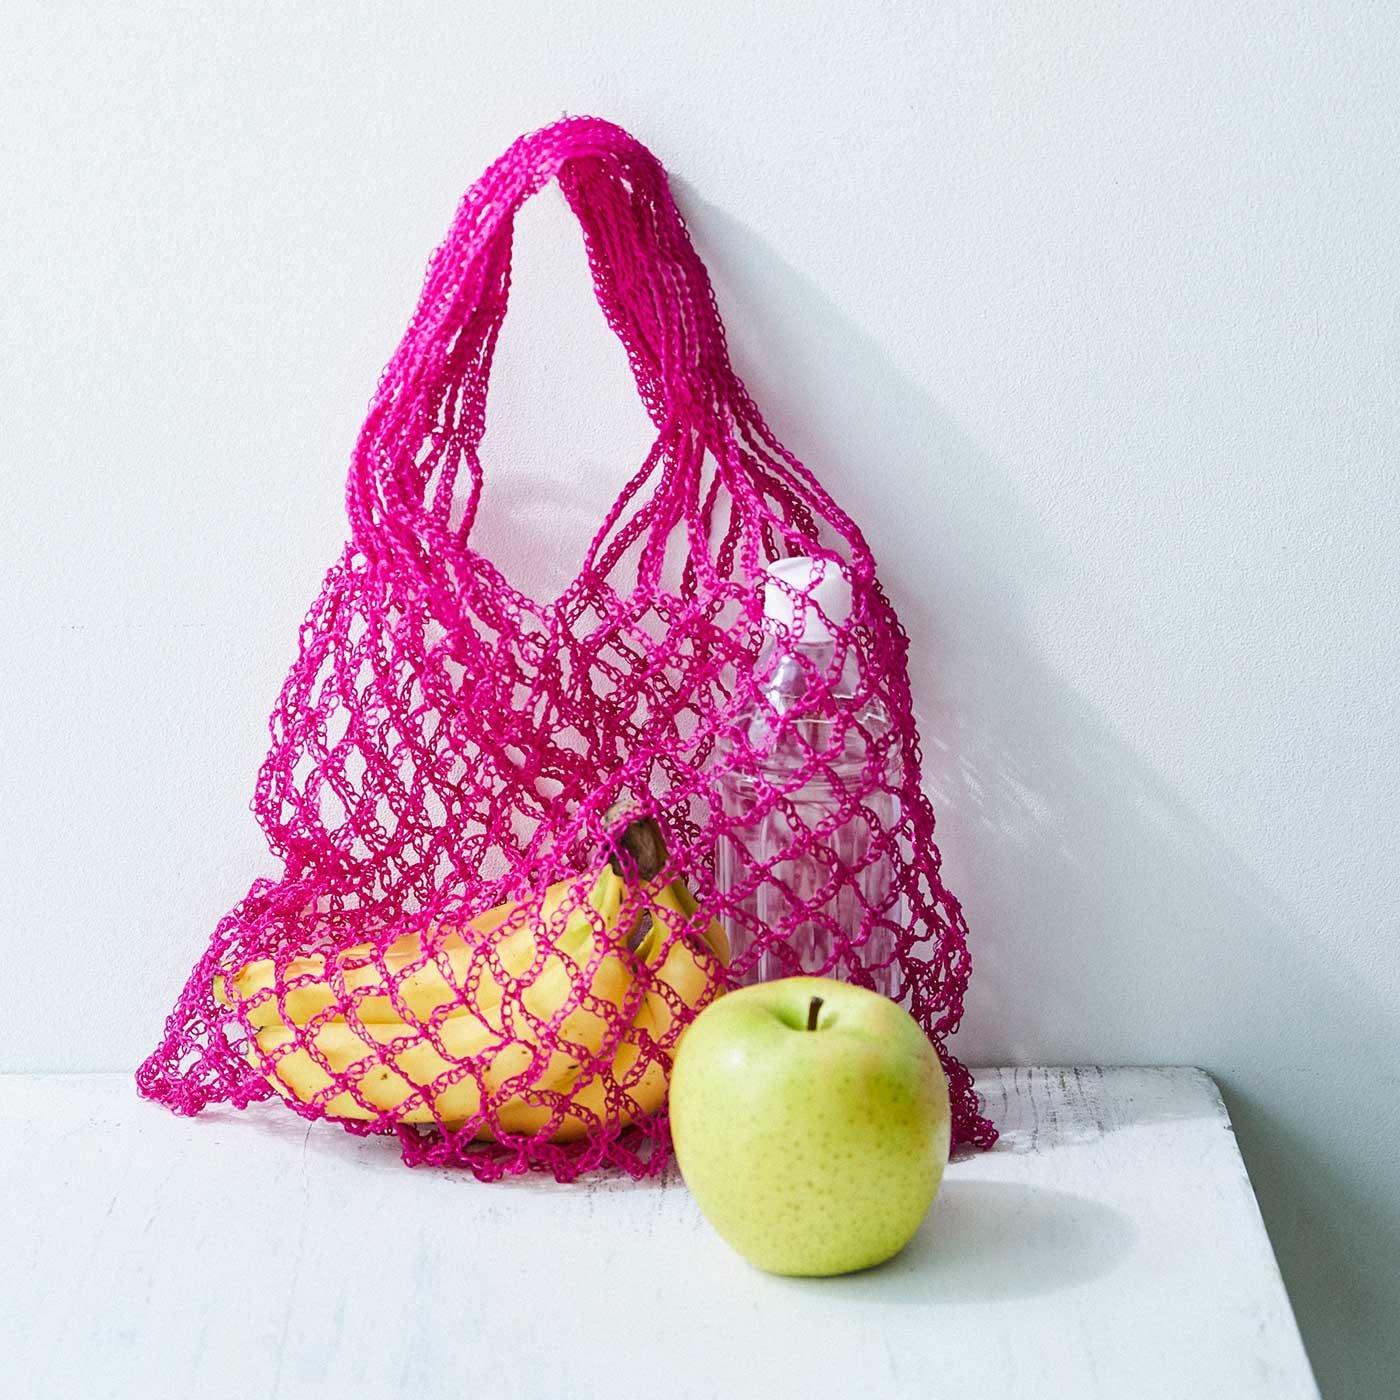 透かし編みバッグが編める 鮮やかプラコードの糸とミニブック「PatternsNote」